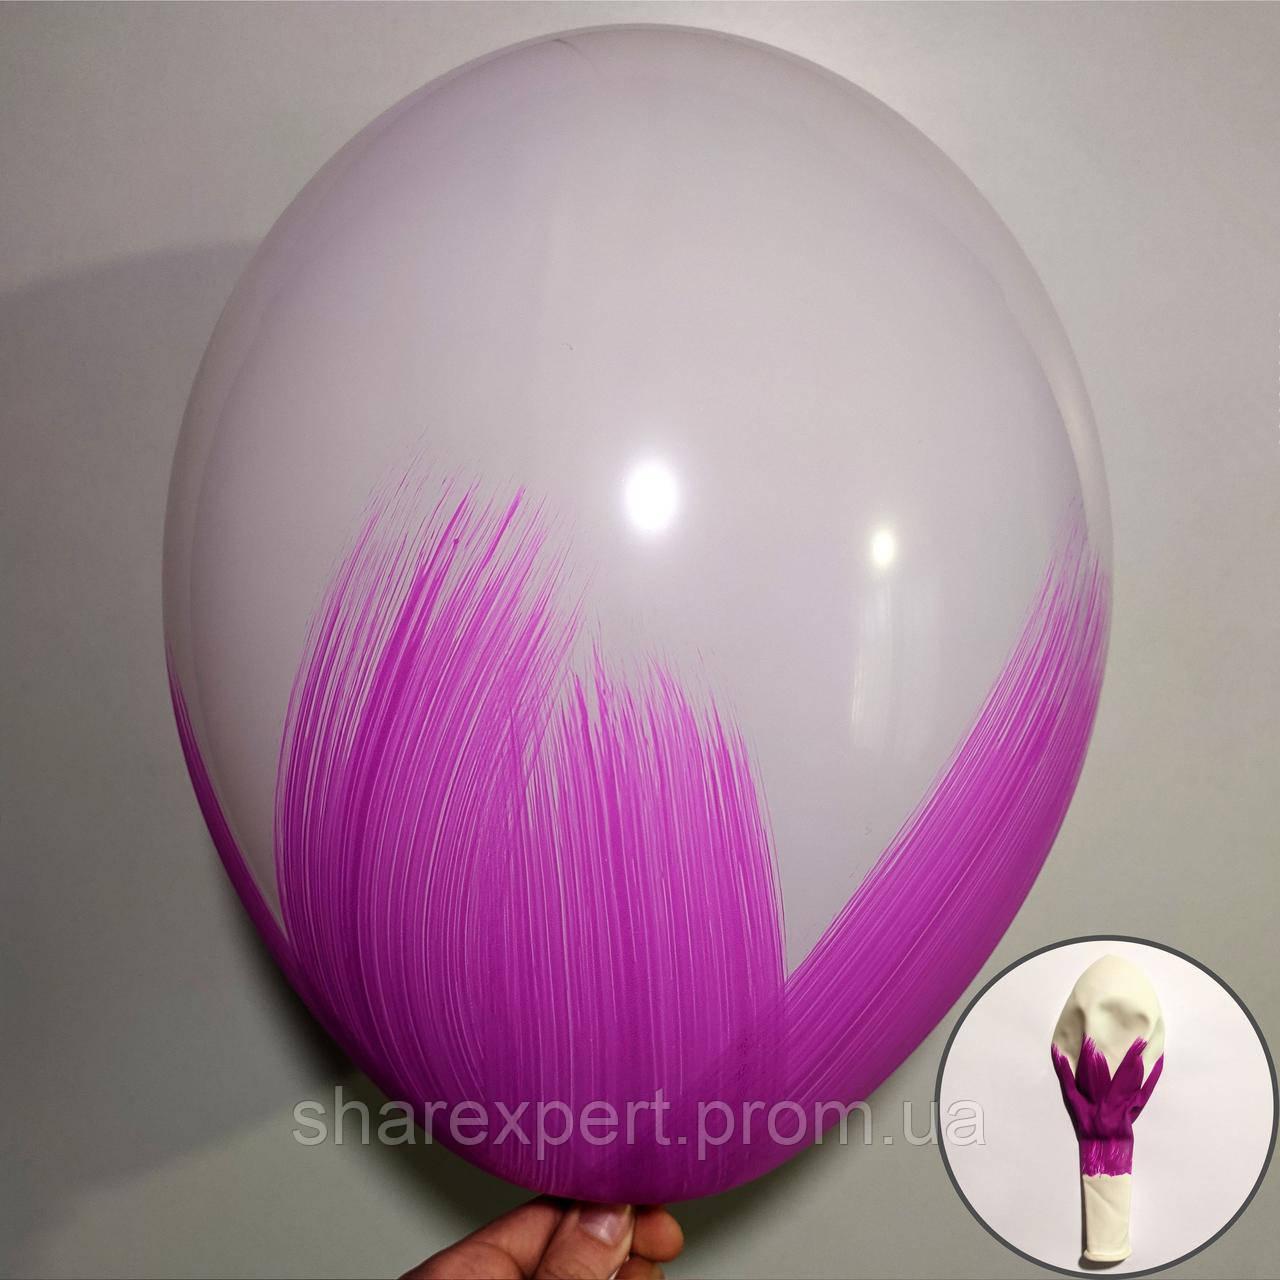 Фіолетовий на Білих латексних кульках